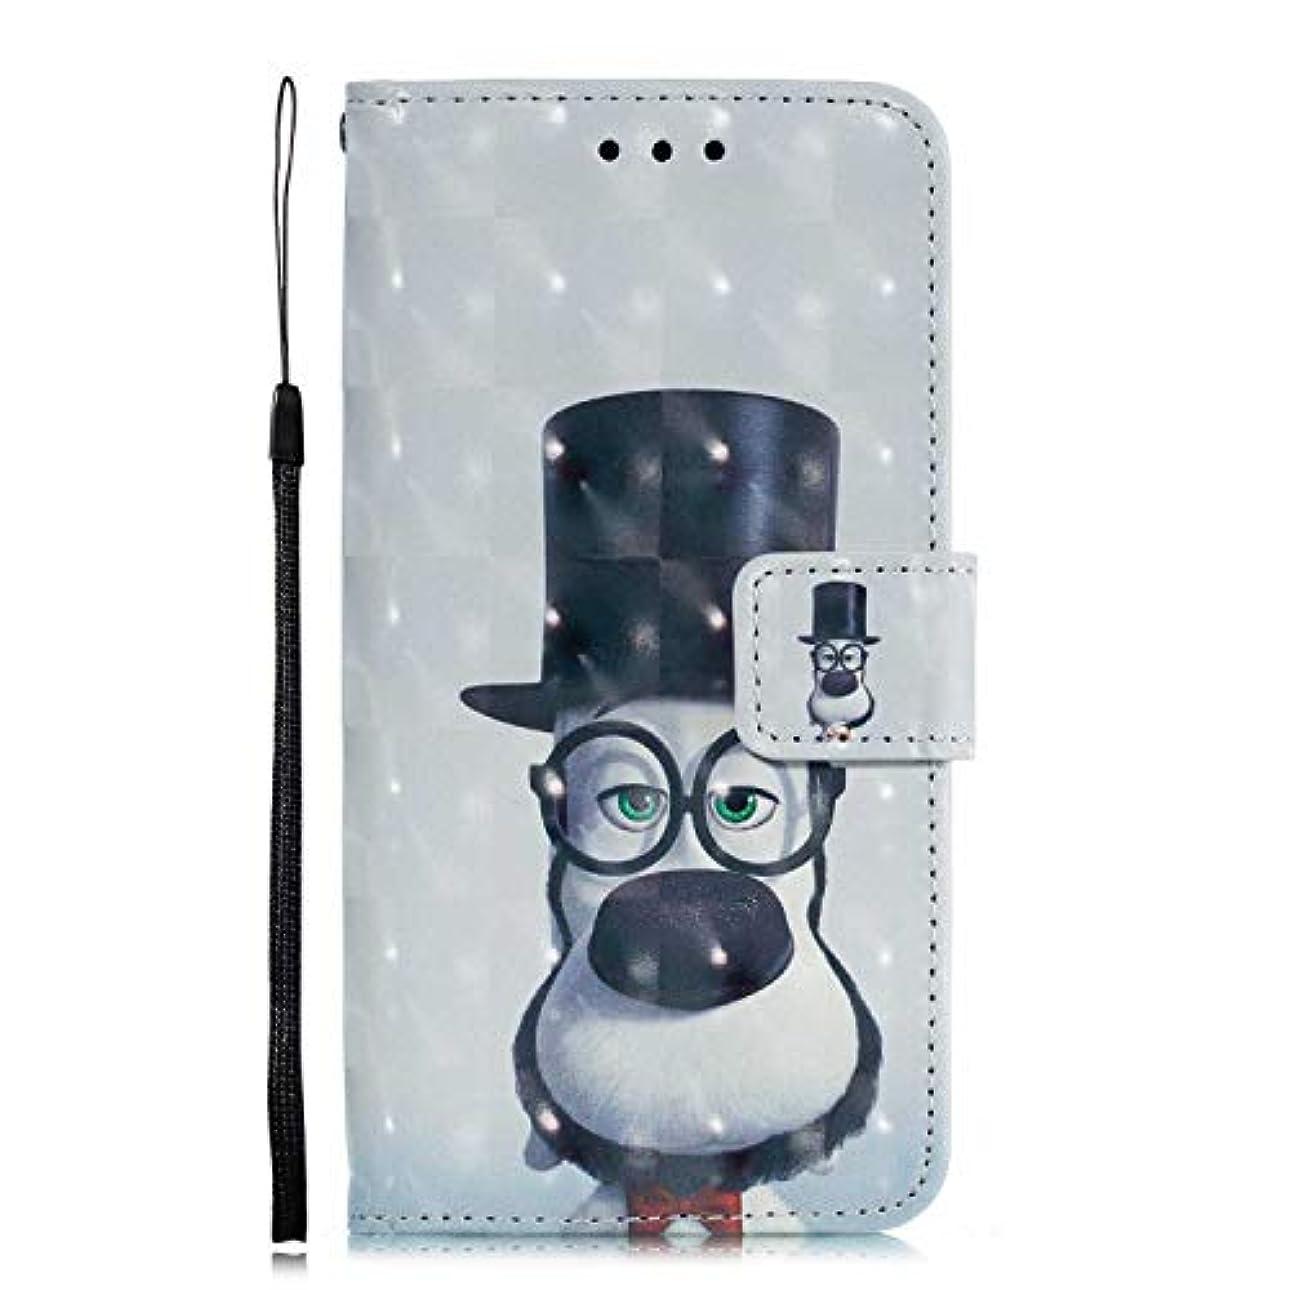 アジテーションダンス排泄物OMATENTI Galaxy S9 ケース, ファッション良質 PU レザー 財布型 ケース 薄型 人気 新製品 衝撃吸収 全面保護 スマホケース, 付きスタンド機能, カードホルダー機能 ストラップ付き Galaxy...